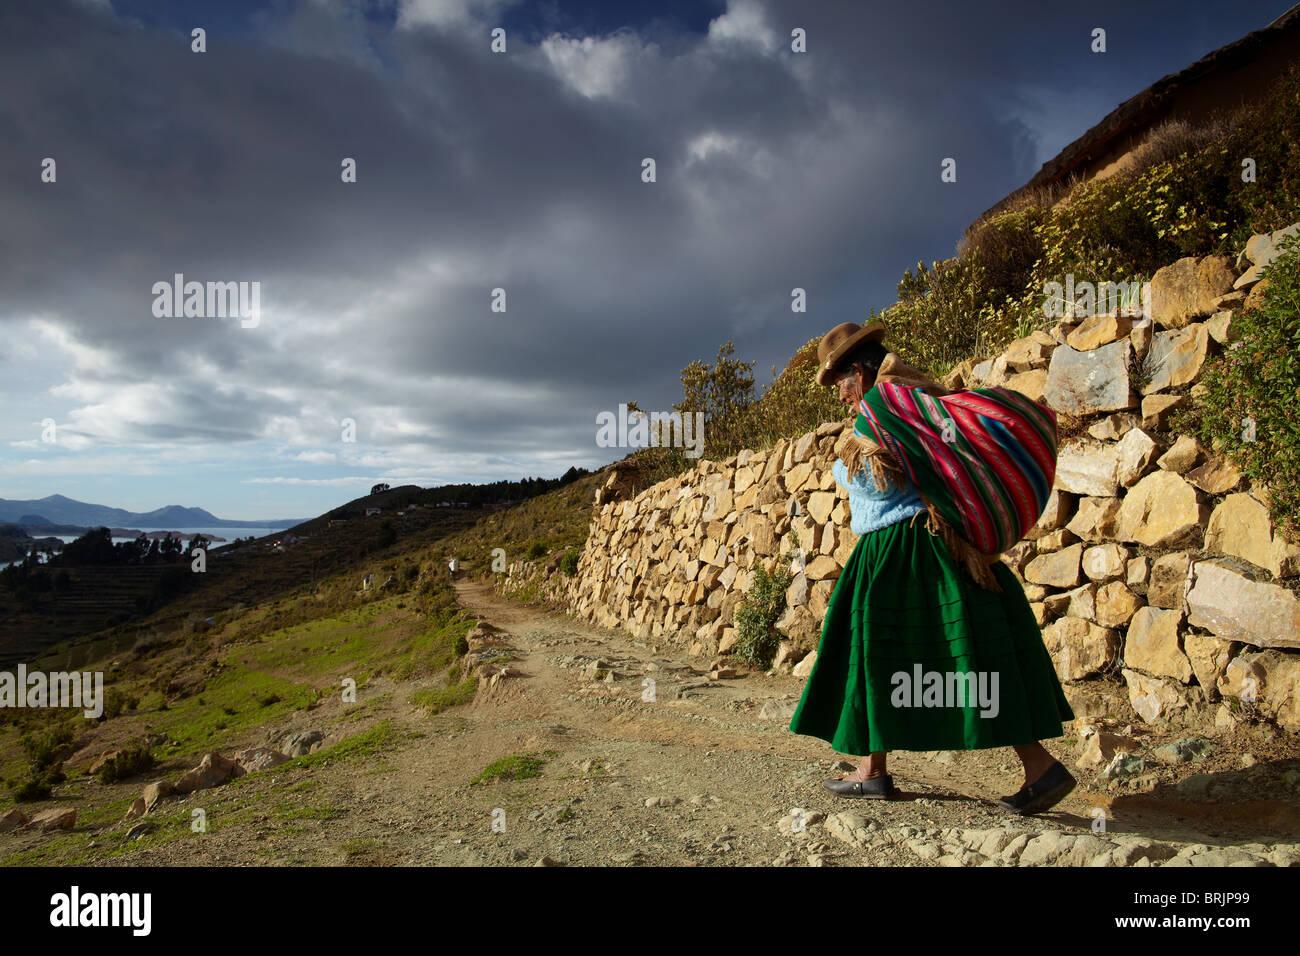 eine Frau mit Last auf dem Rücken, Isla del Sol, Titicacasee, Bolivien Stockbild